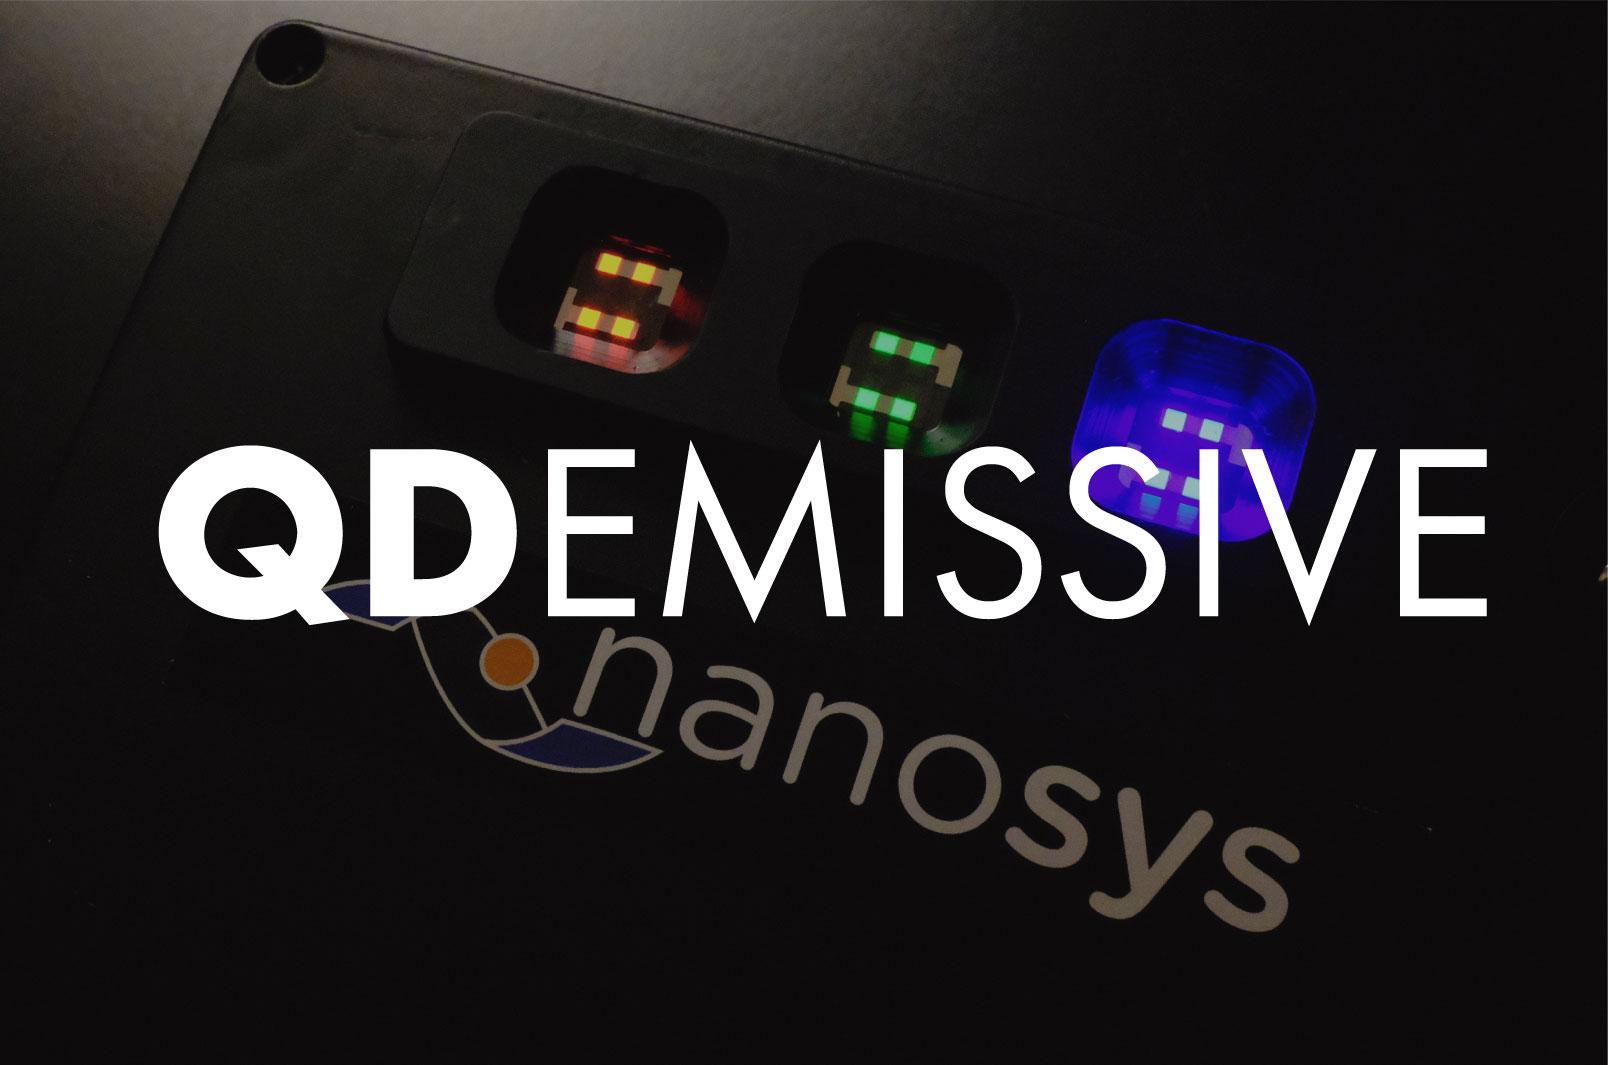 Emissive-button.jpg